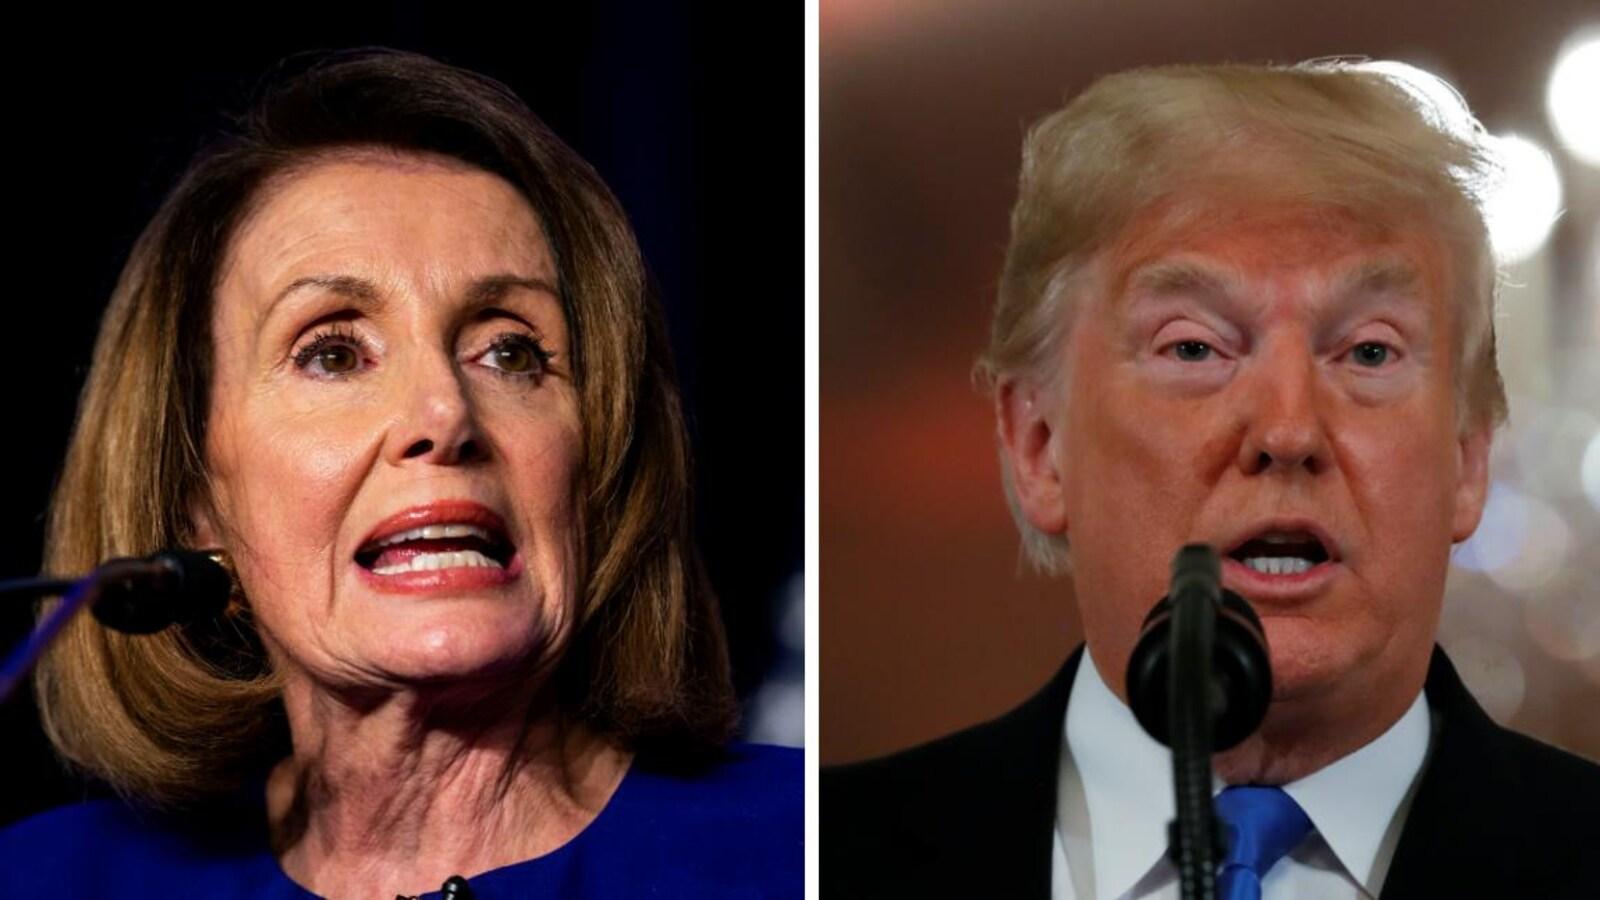 À gauche, la démocrate Nancy Pelosi s'adresse à des militants, tandis qu'à droite Donald Trump répond aux questions des médias lors d'un point de presse.